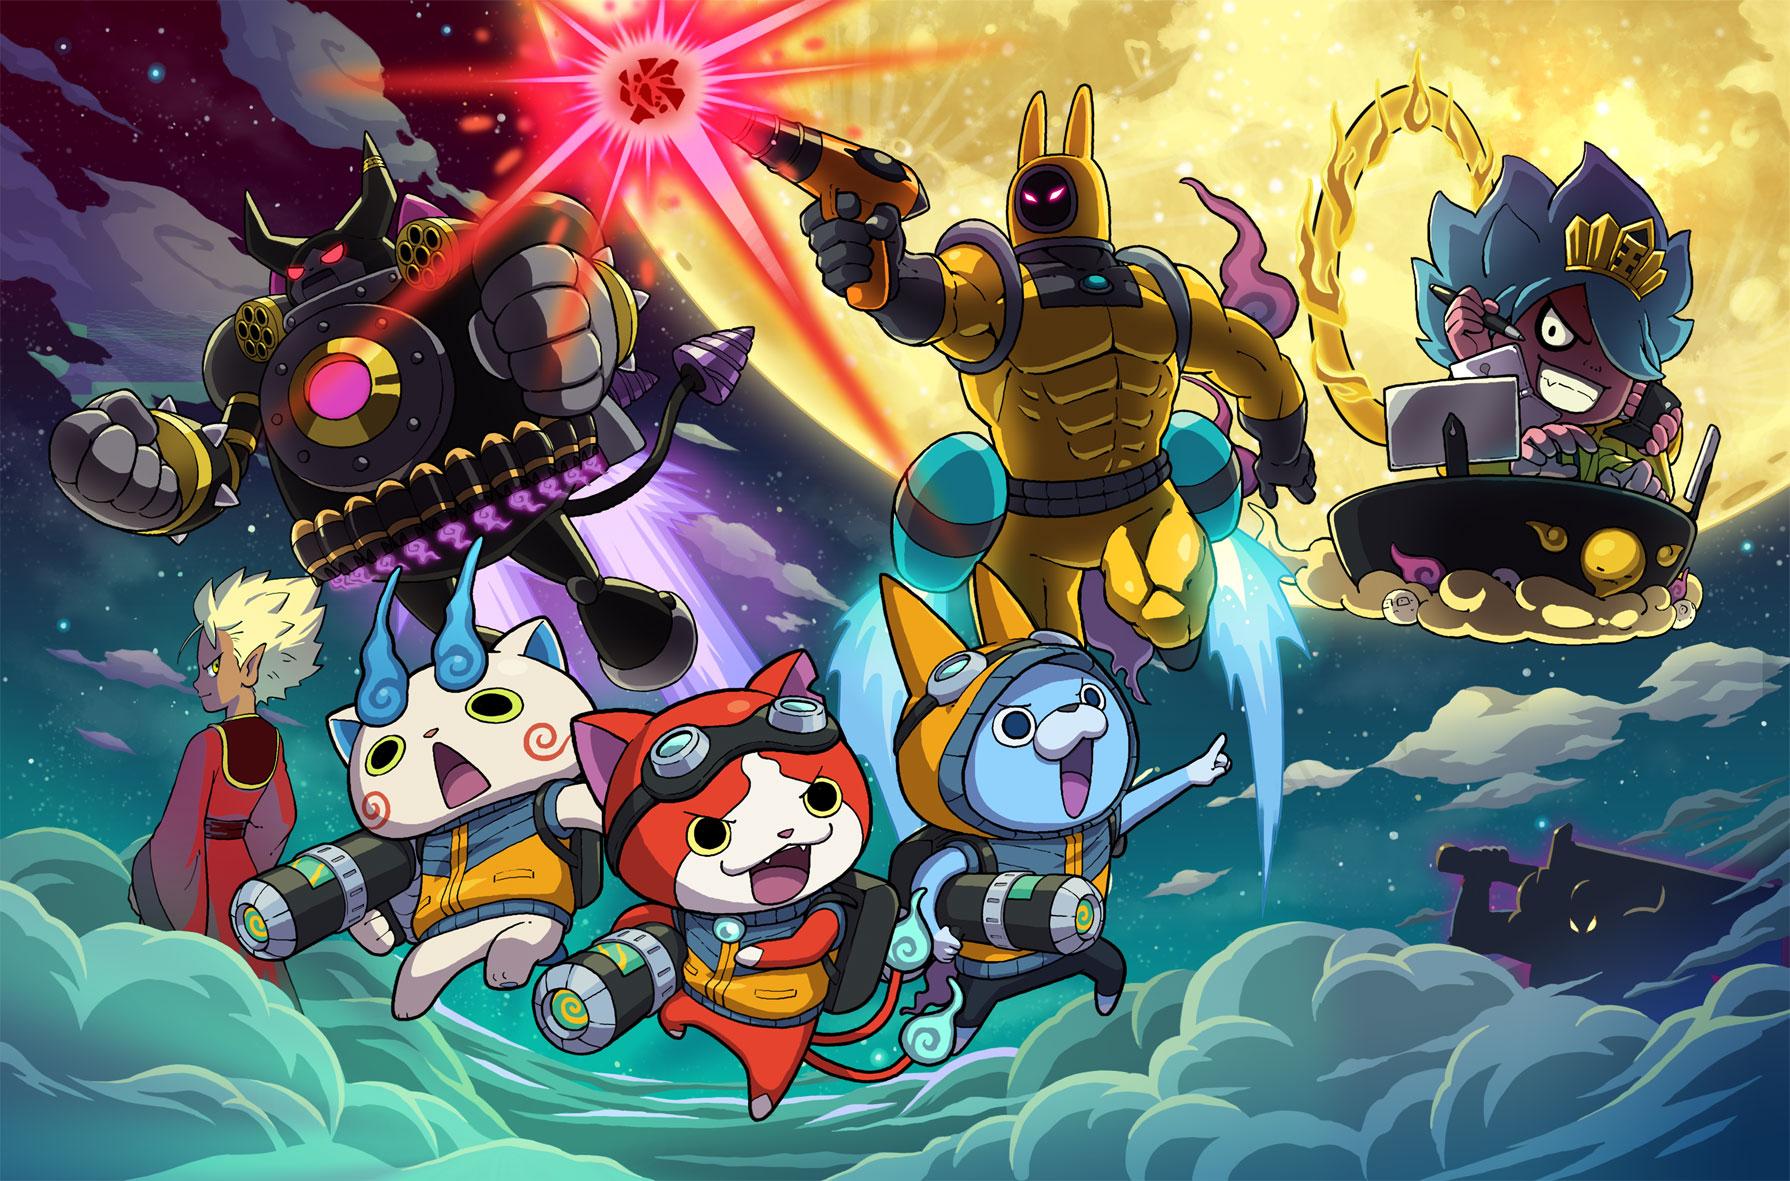 """Schwenkt weiterhin tapfer die 3DS-Flagge: die """"Yo-Kai Watch""""-Serie mit ihrem neuesten und besonders Action-geladenen Ableger """"Blasters""""."""